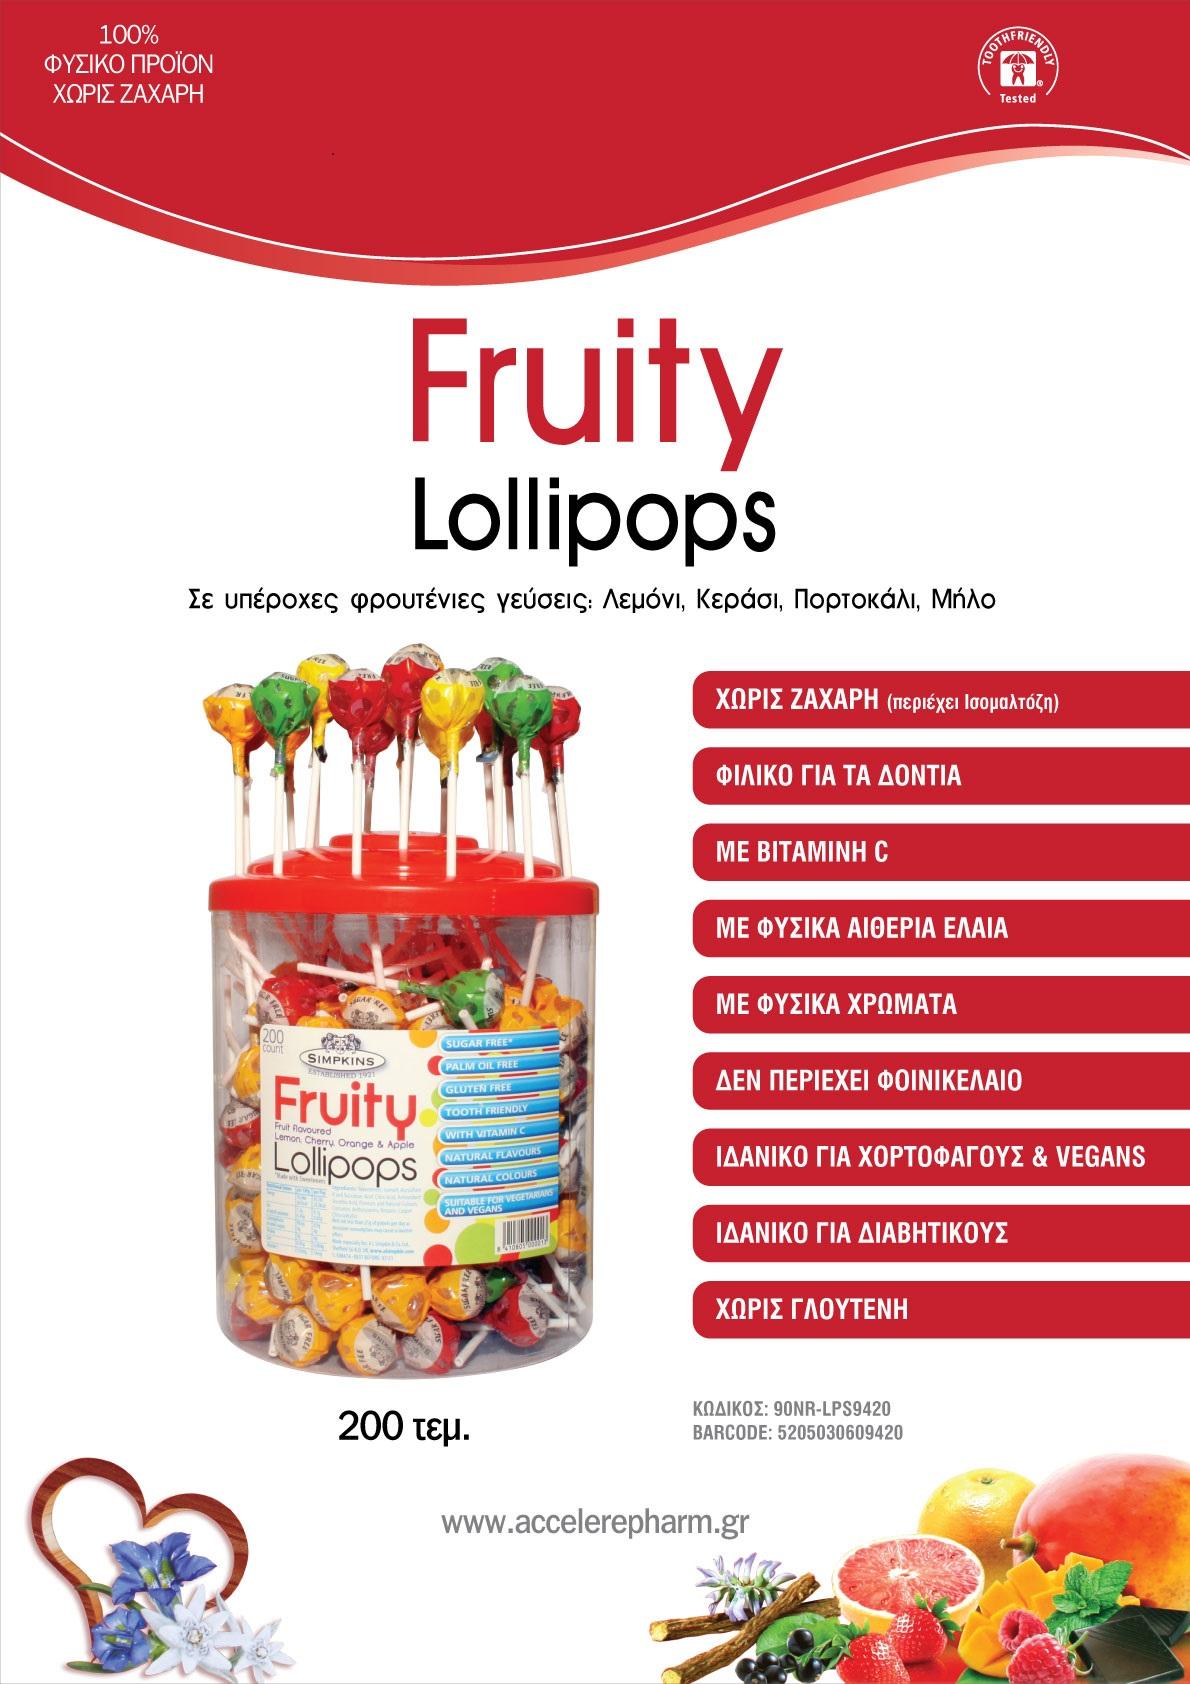 Fruitty Lollipops